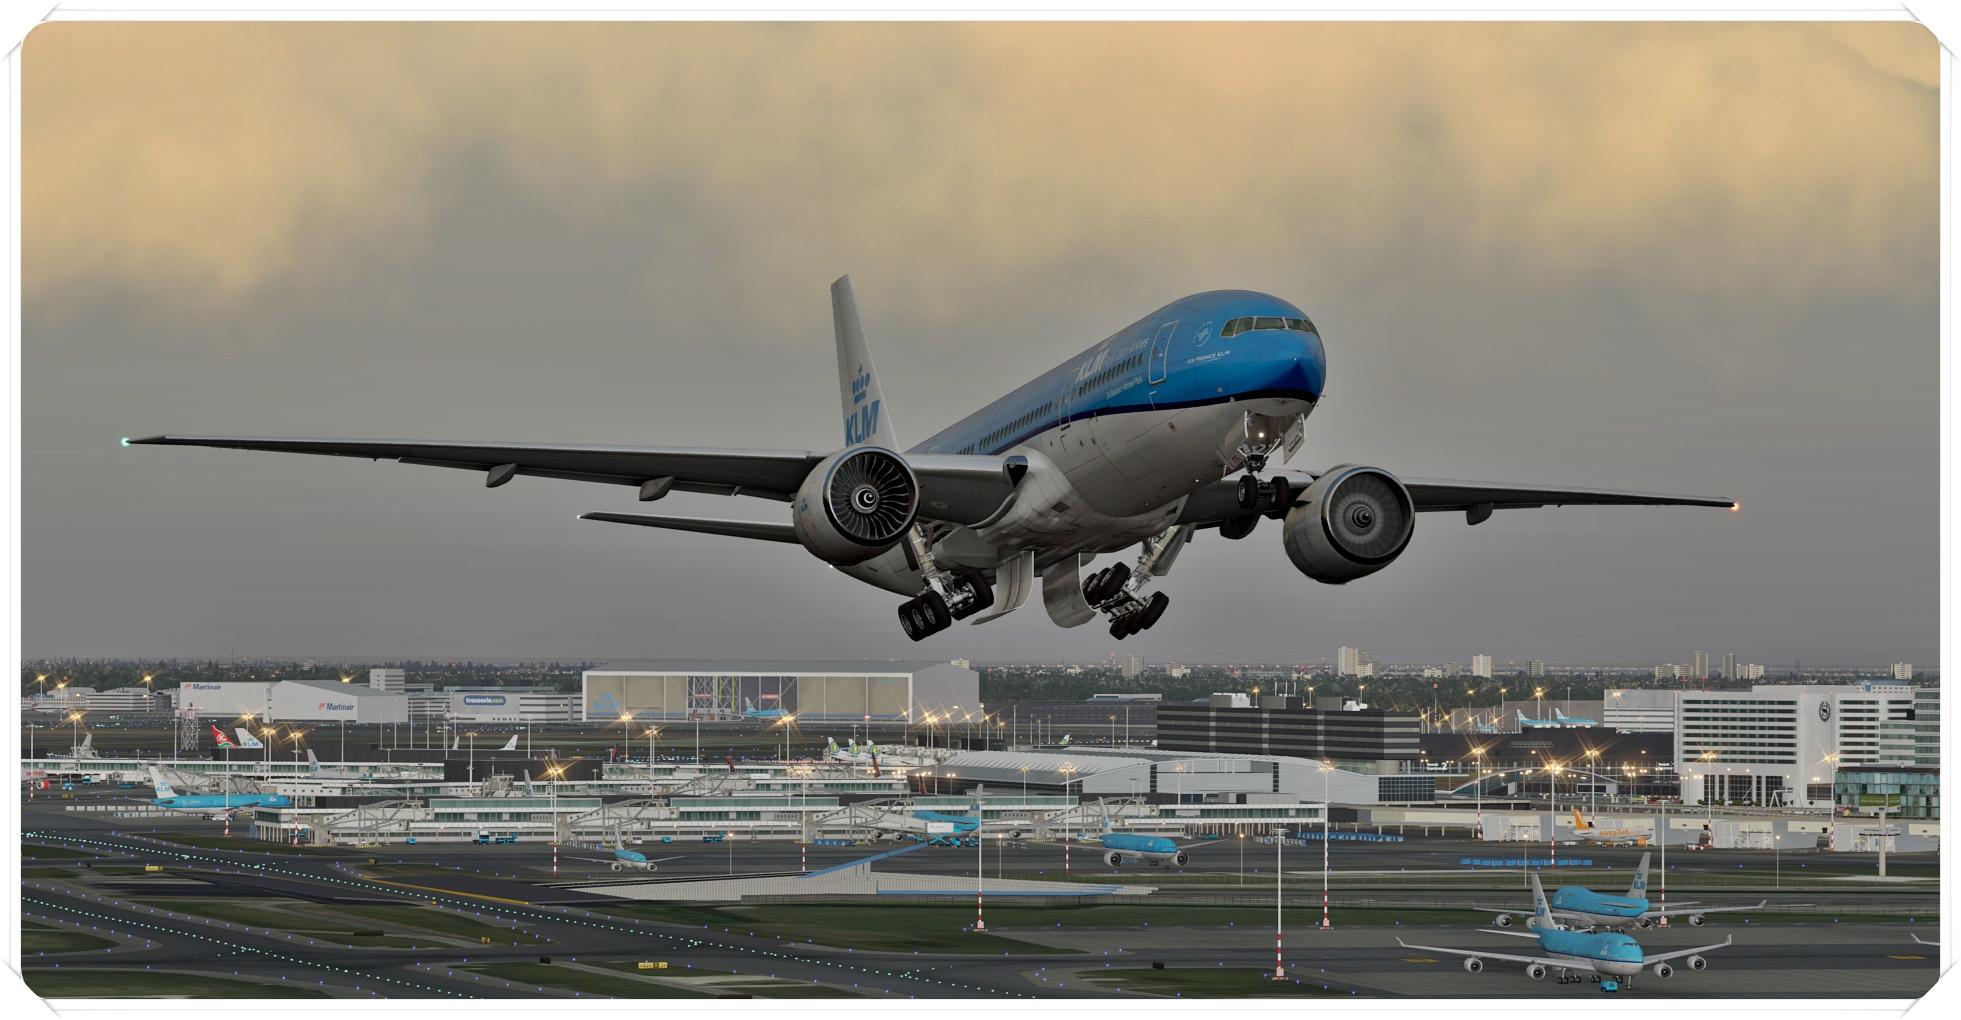 777-200lr_4sbrhk.jpg